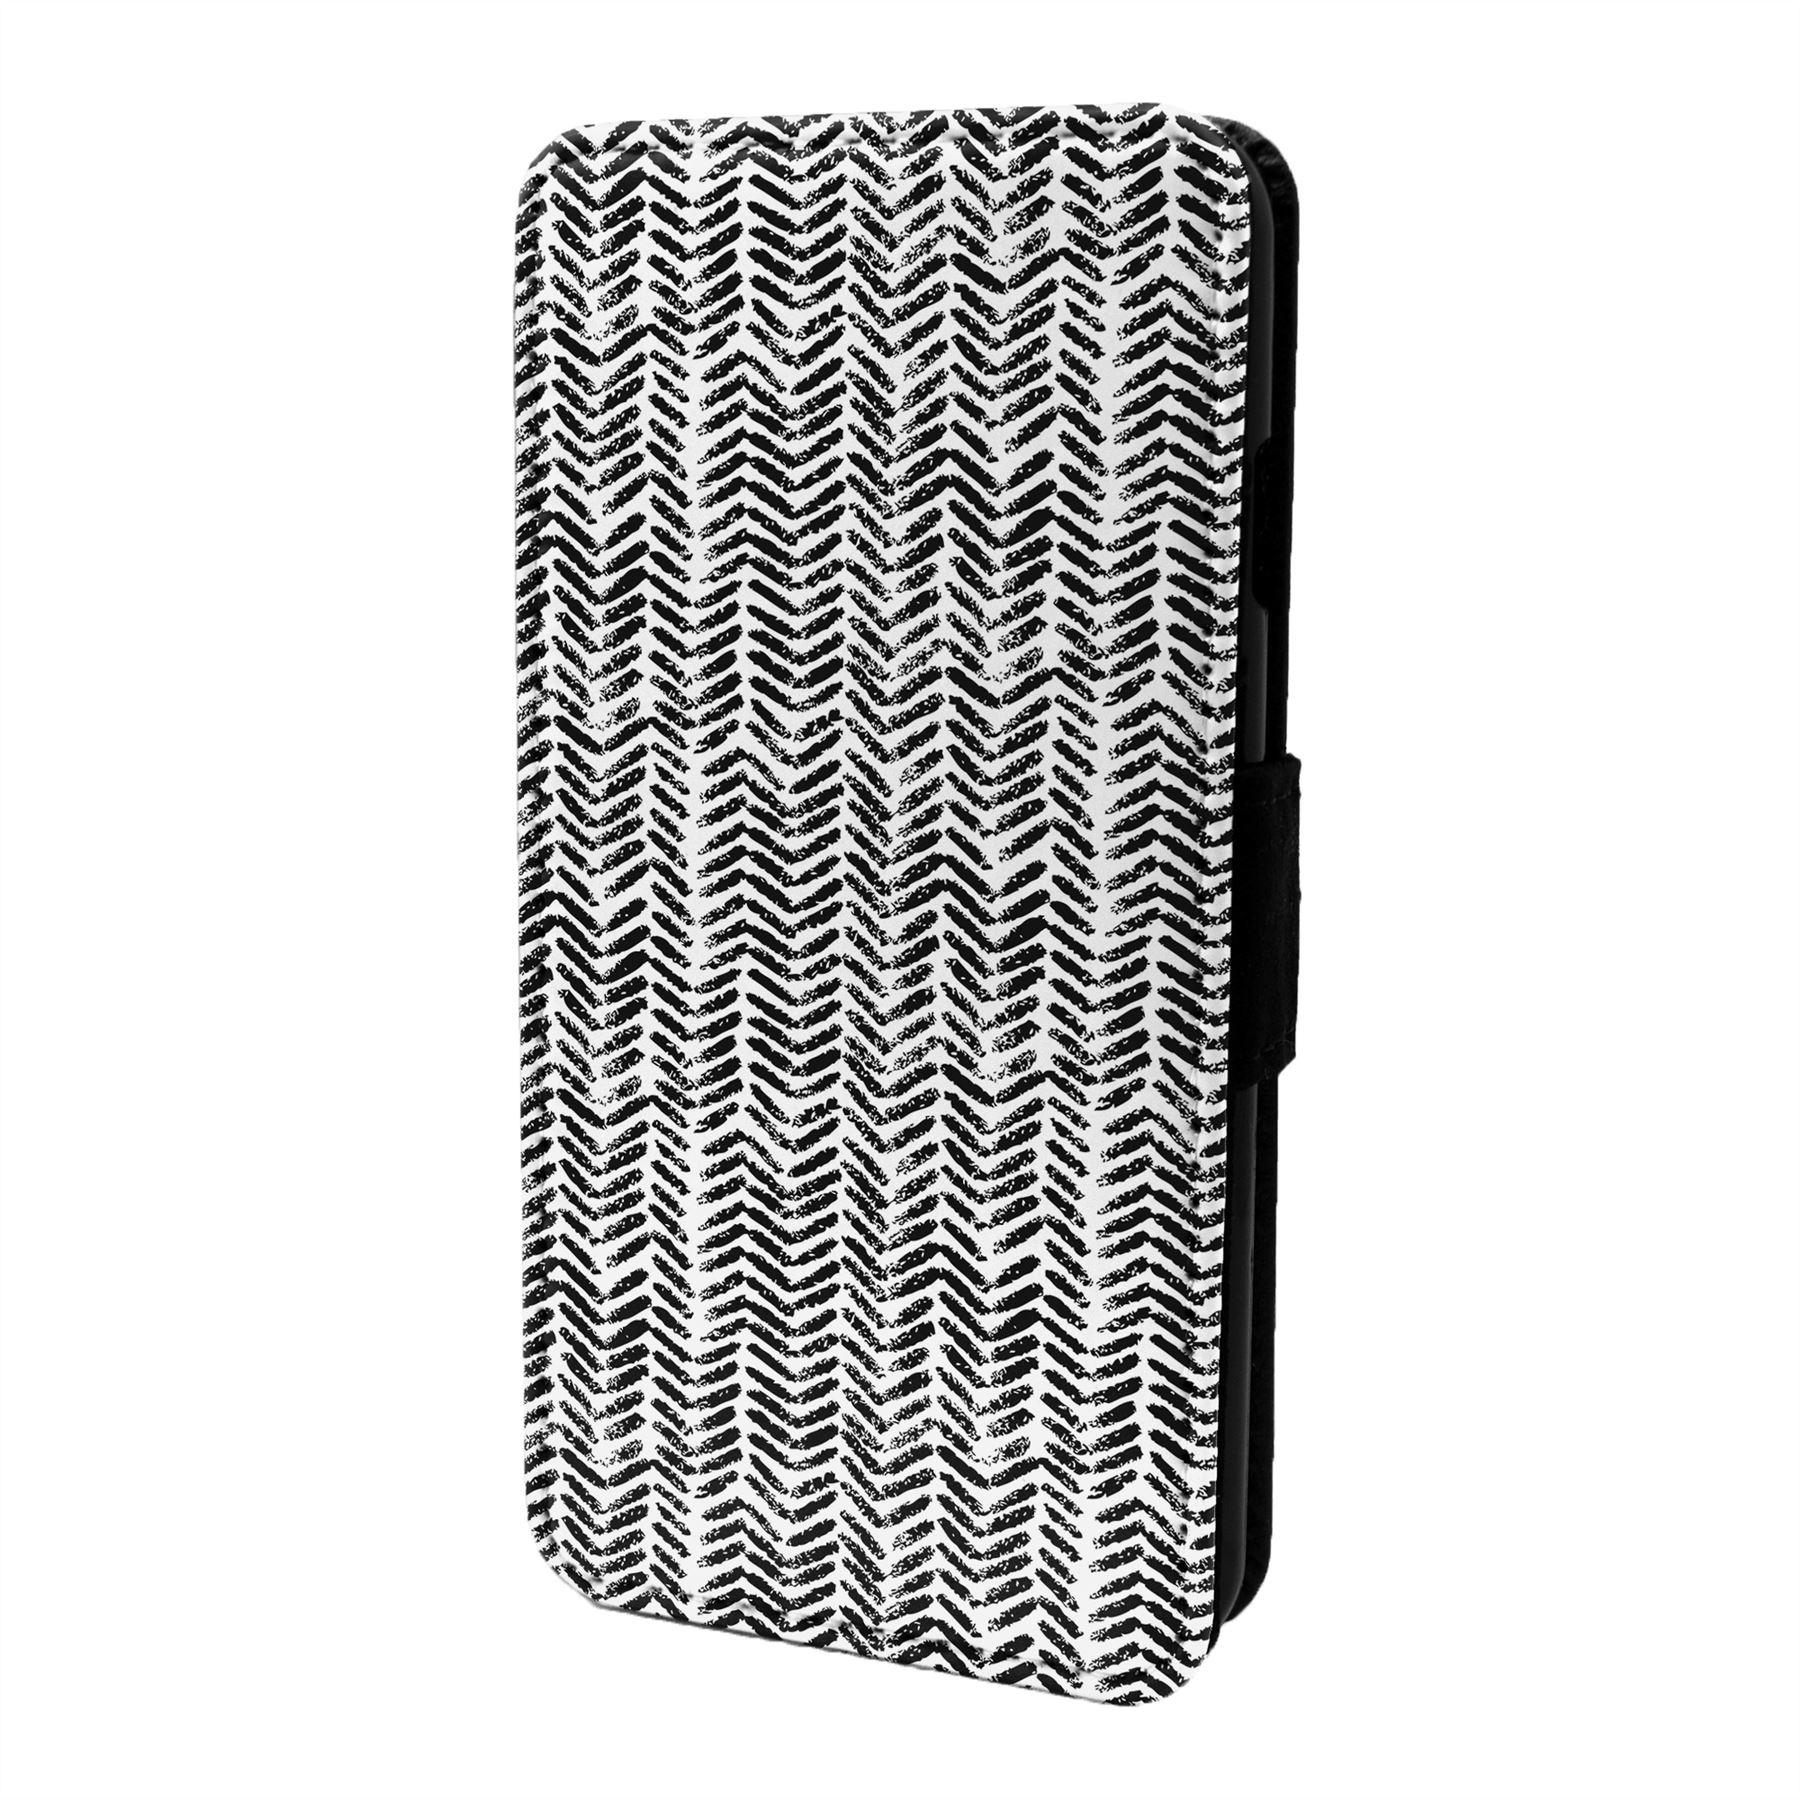 Espiguilla-Chevron-Estampado-Funda-Libro-para-Telefono-Movil-S6790